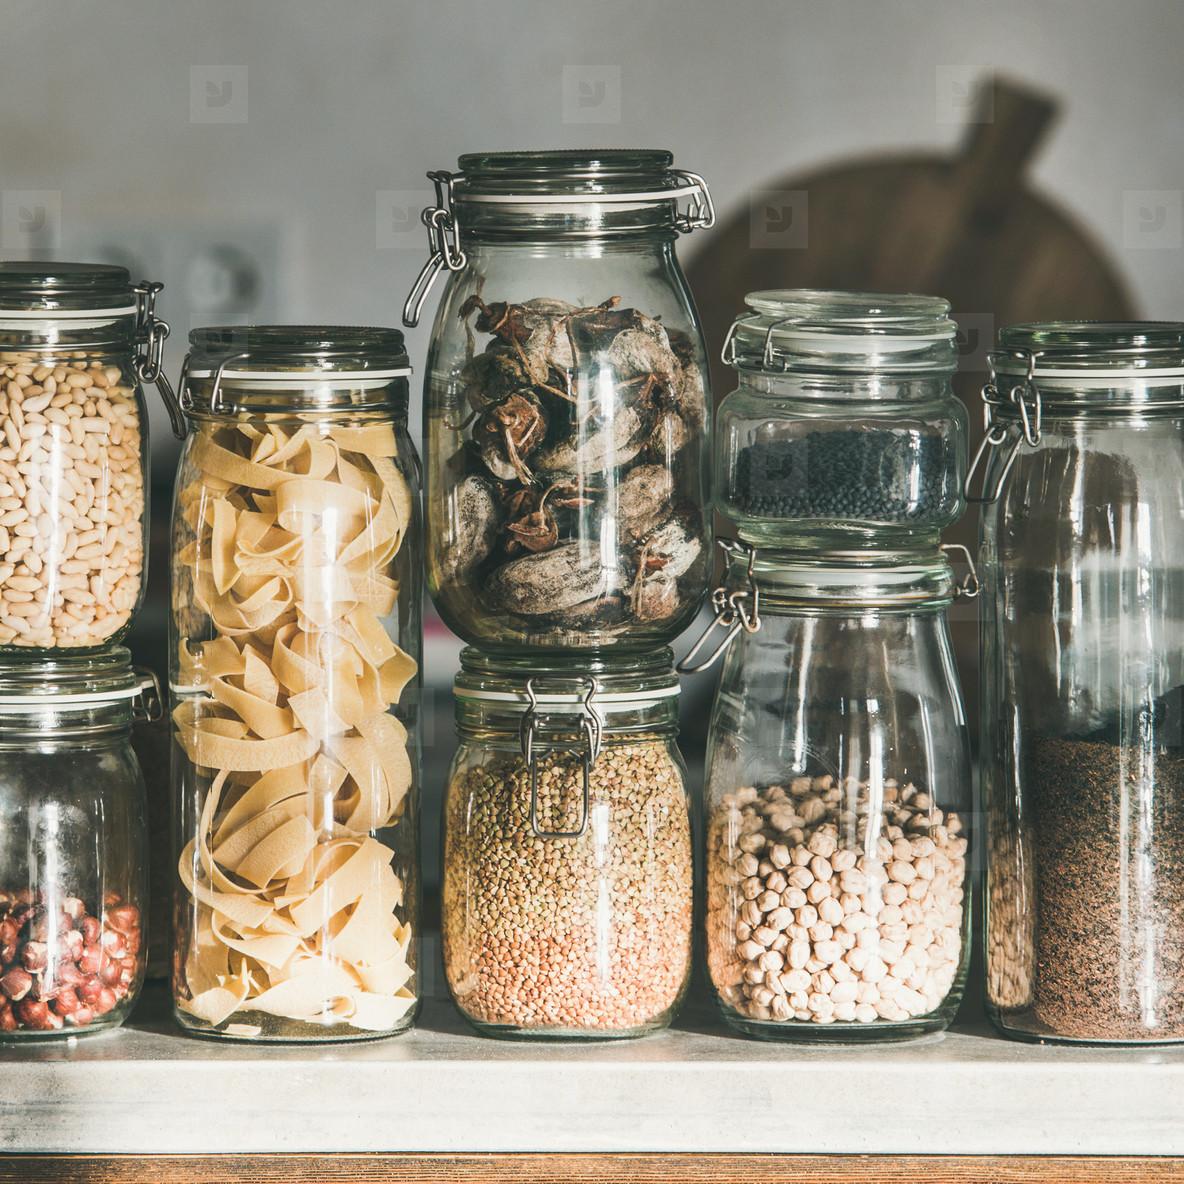 Grains  cereals  nuts  dry fruit  flour  pasta kinds  square crop